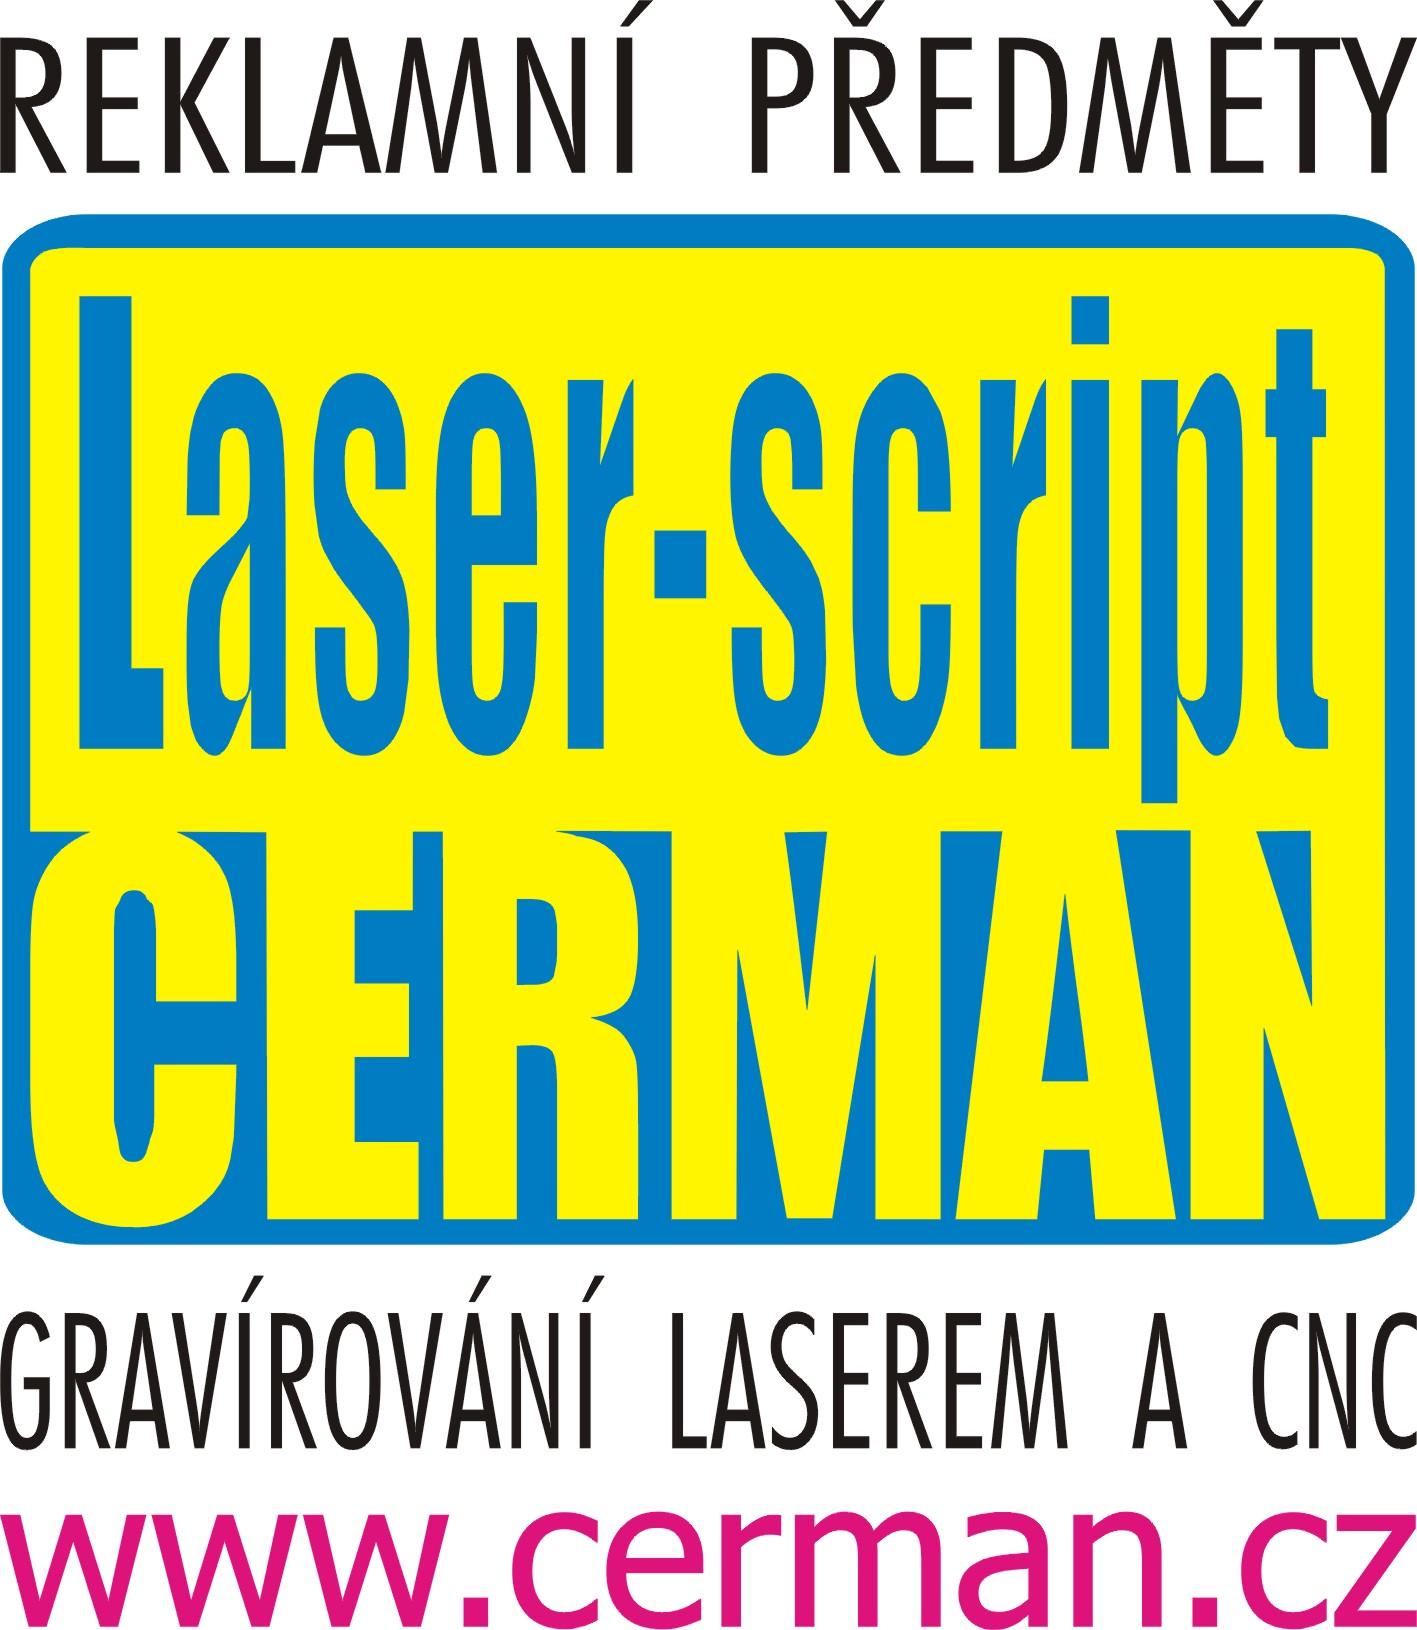 laseryhk.cz